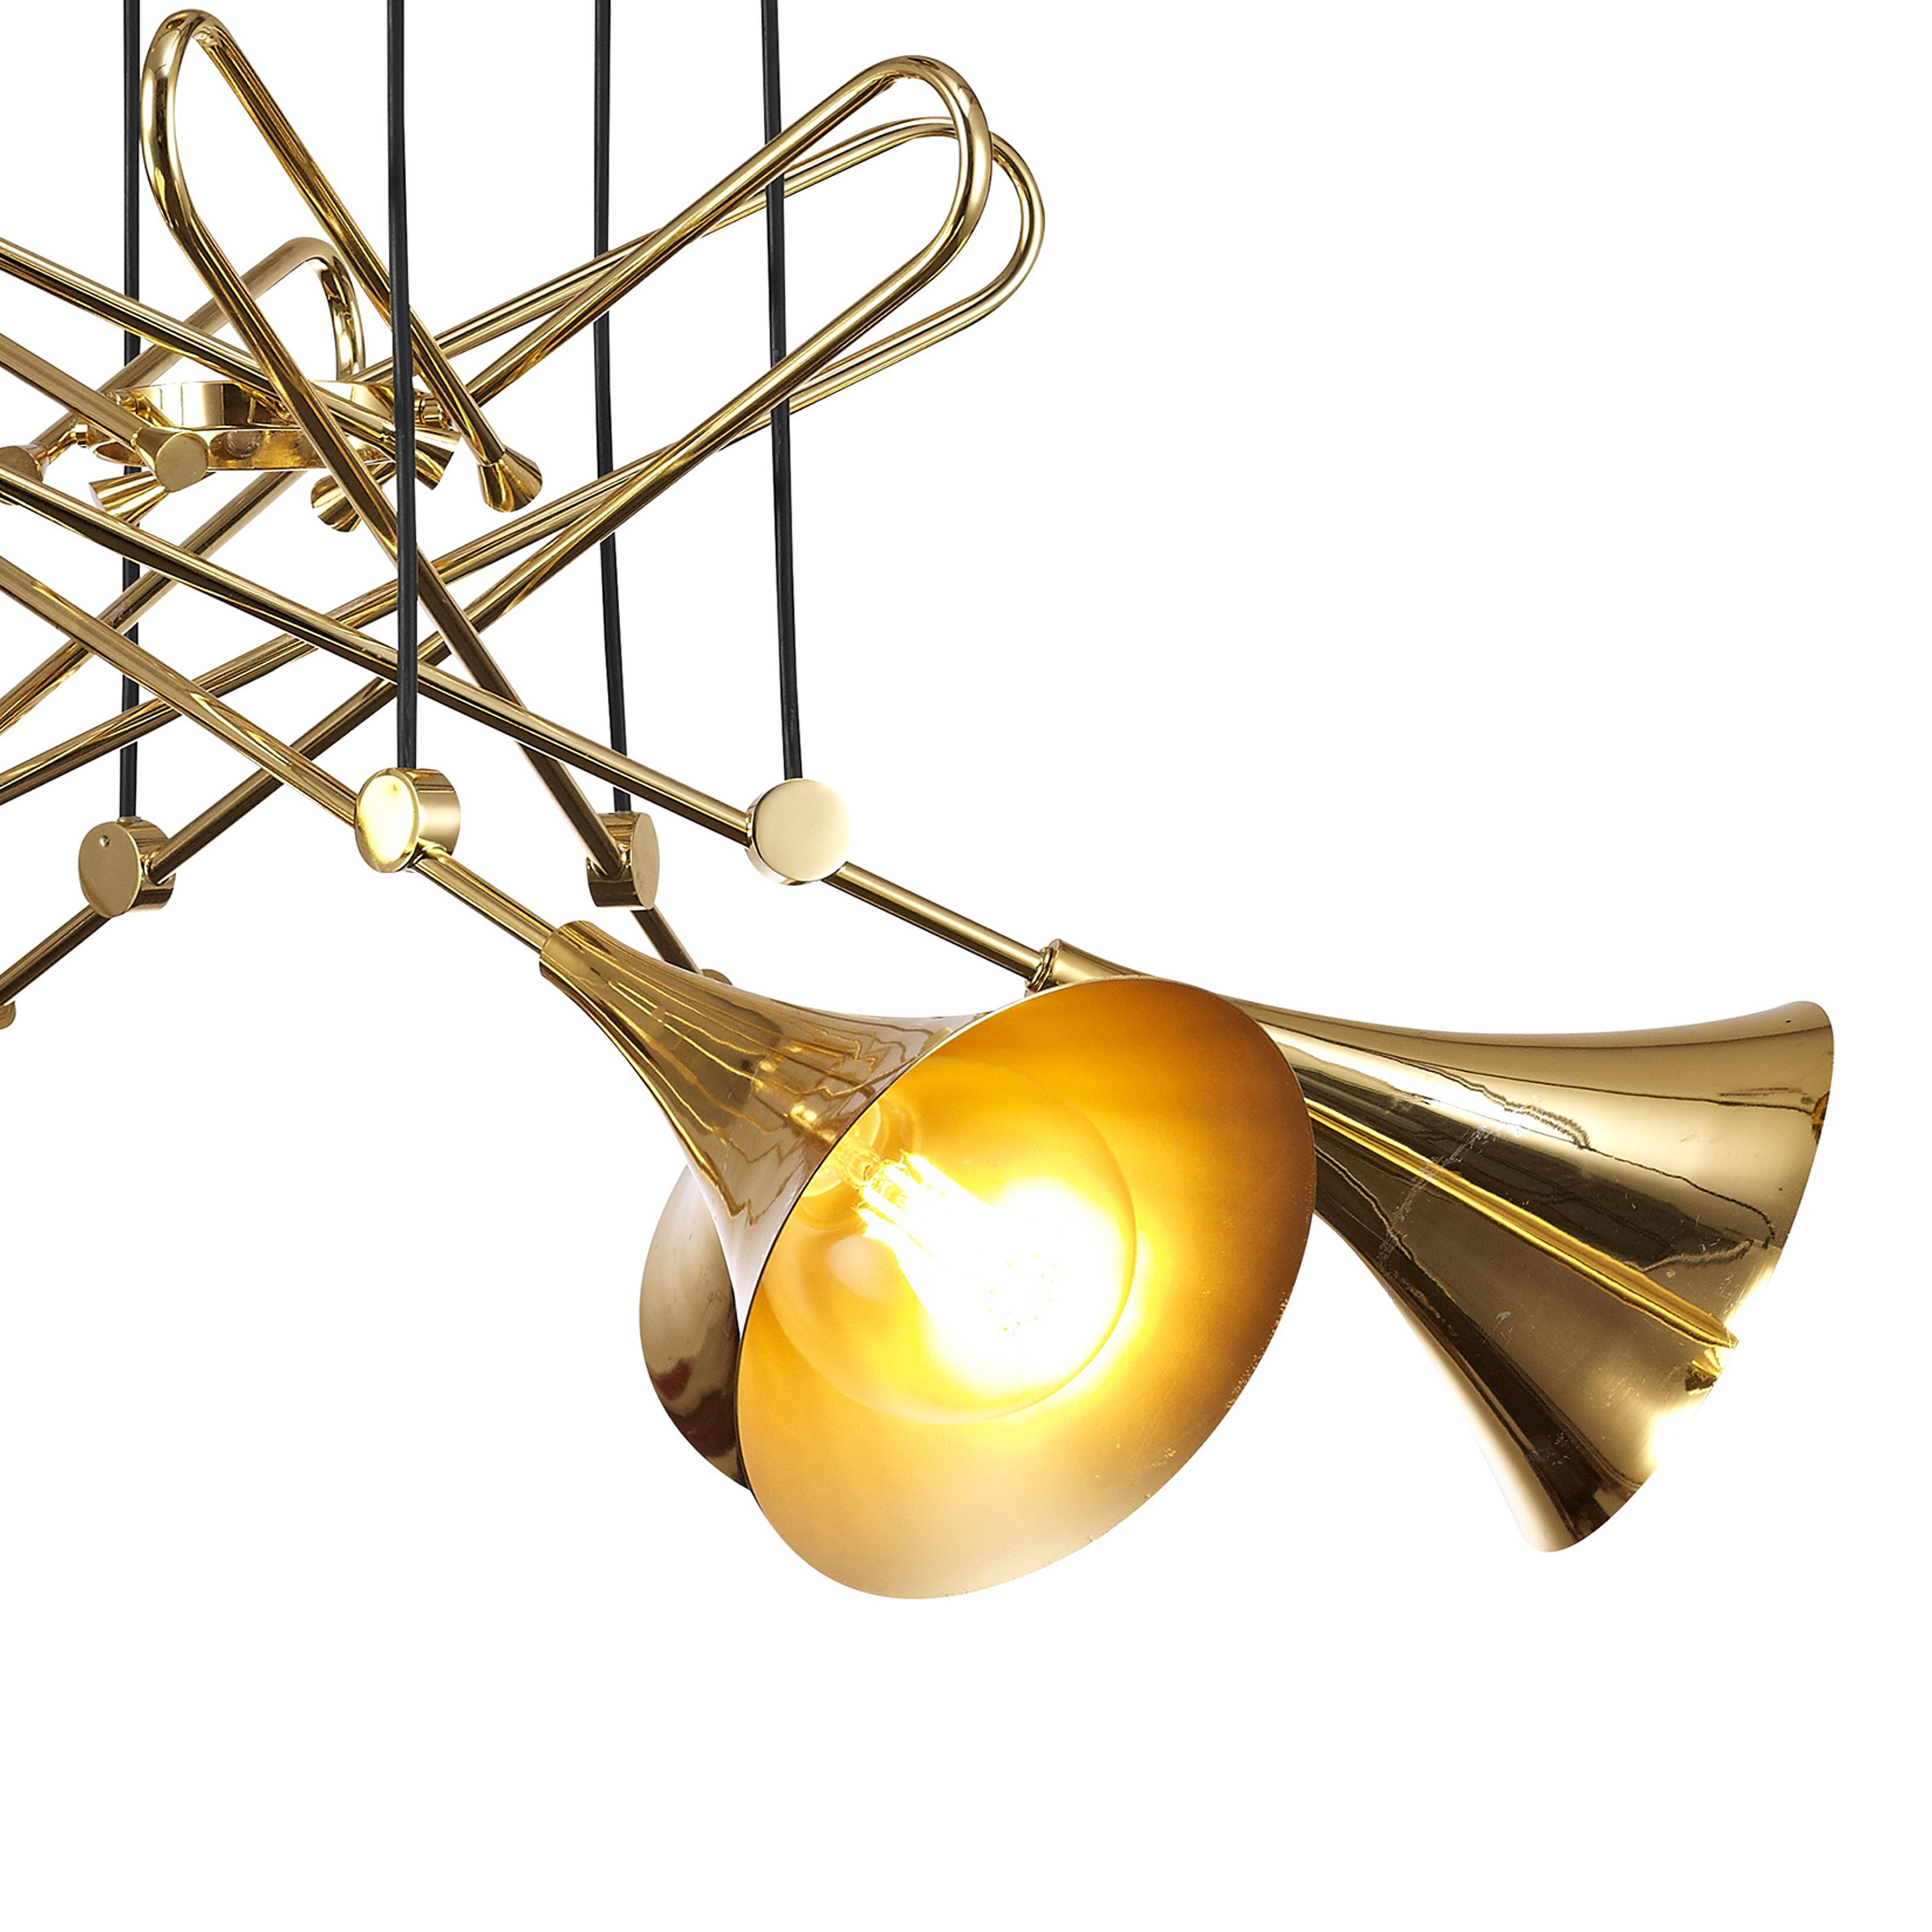 Подвесная люстра Mantra Jazz 5895, золото, металл - фото 4